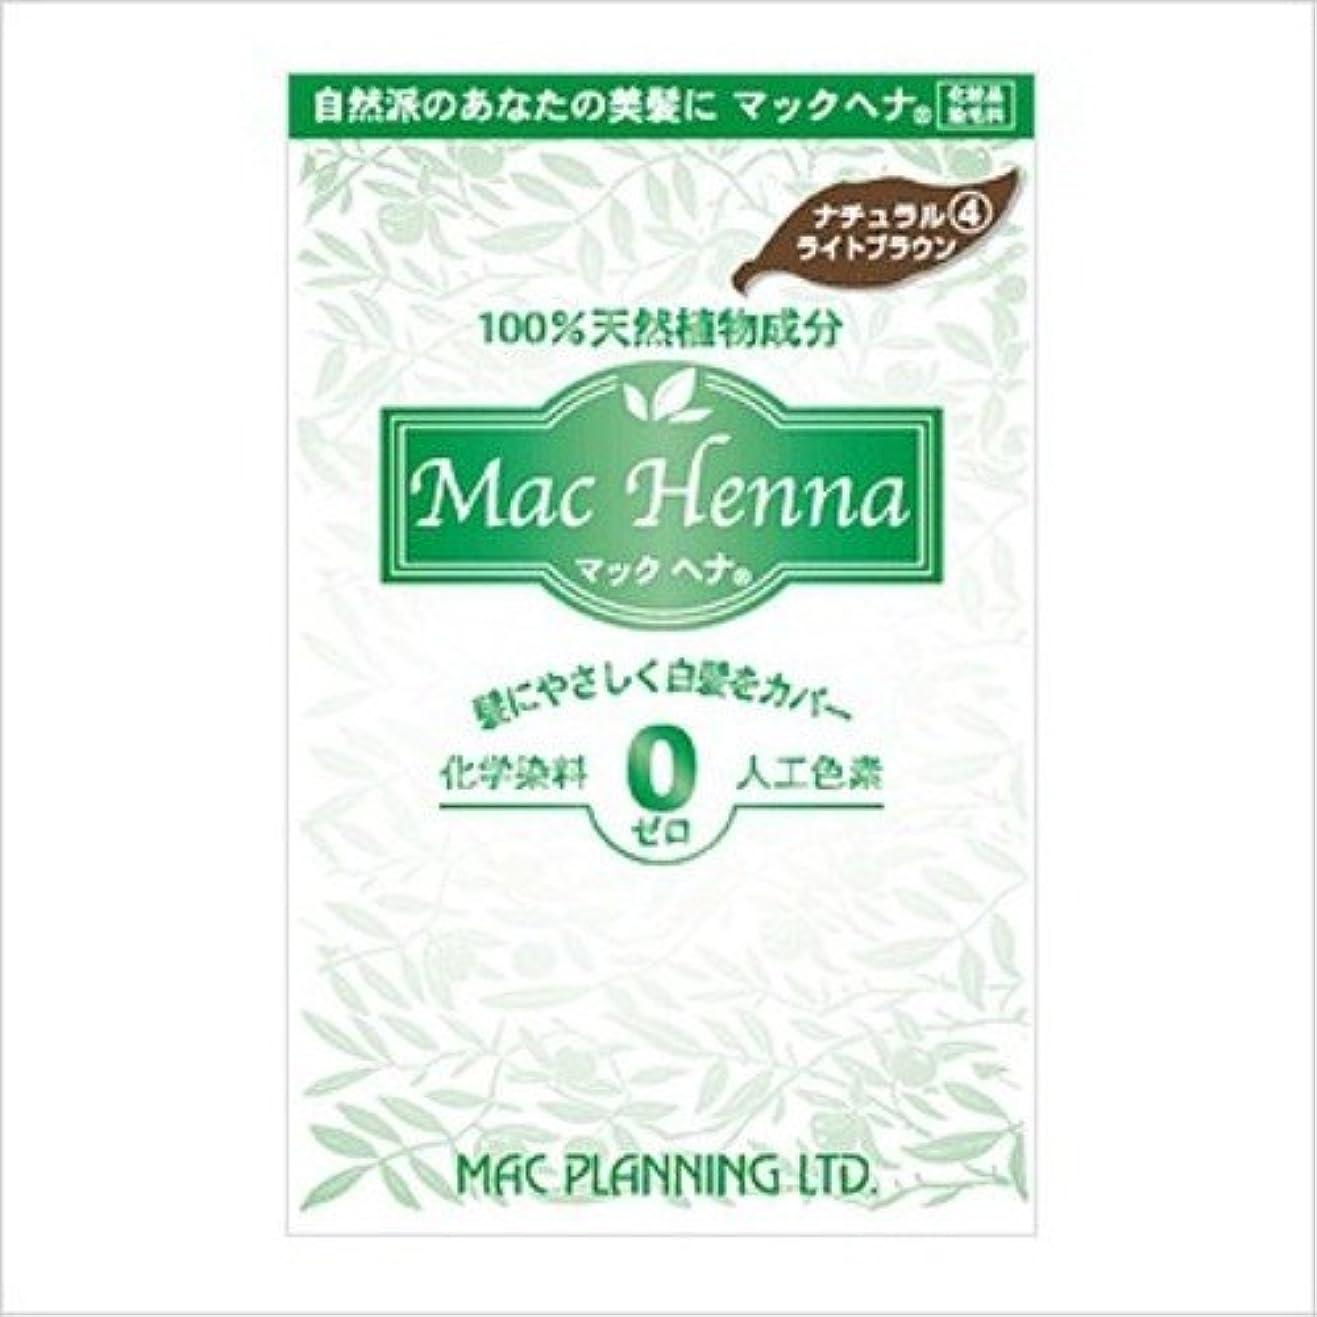 知覚結核疫病マックプランニング マックヘナ ハーバルヘアートリートメント ナチュラルライトブラウン 100g